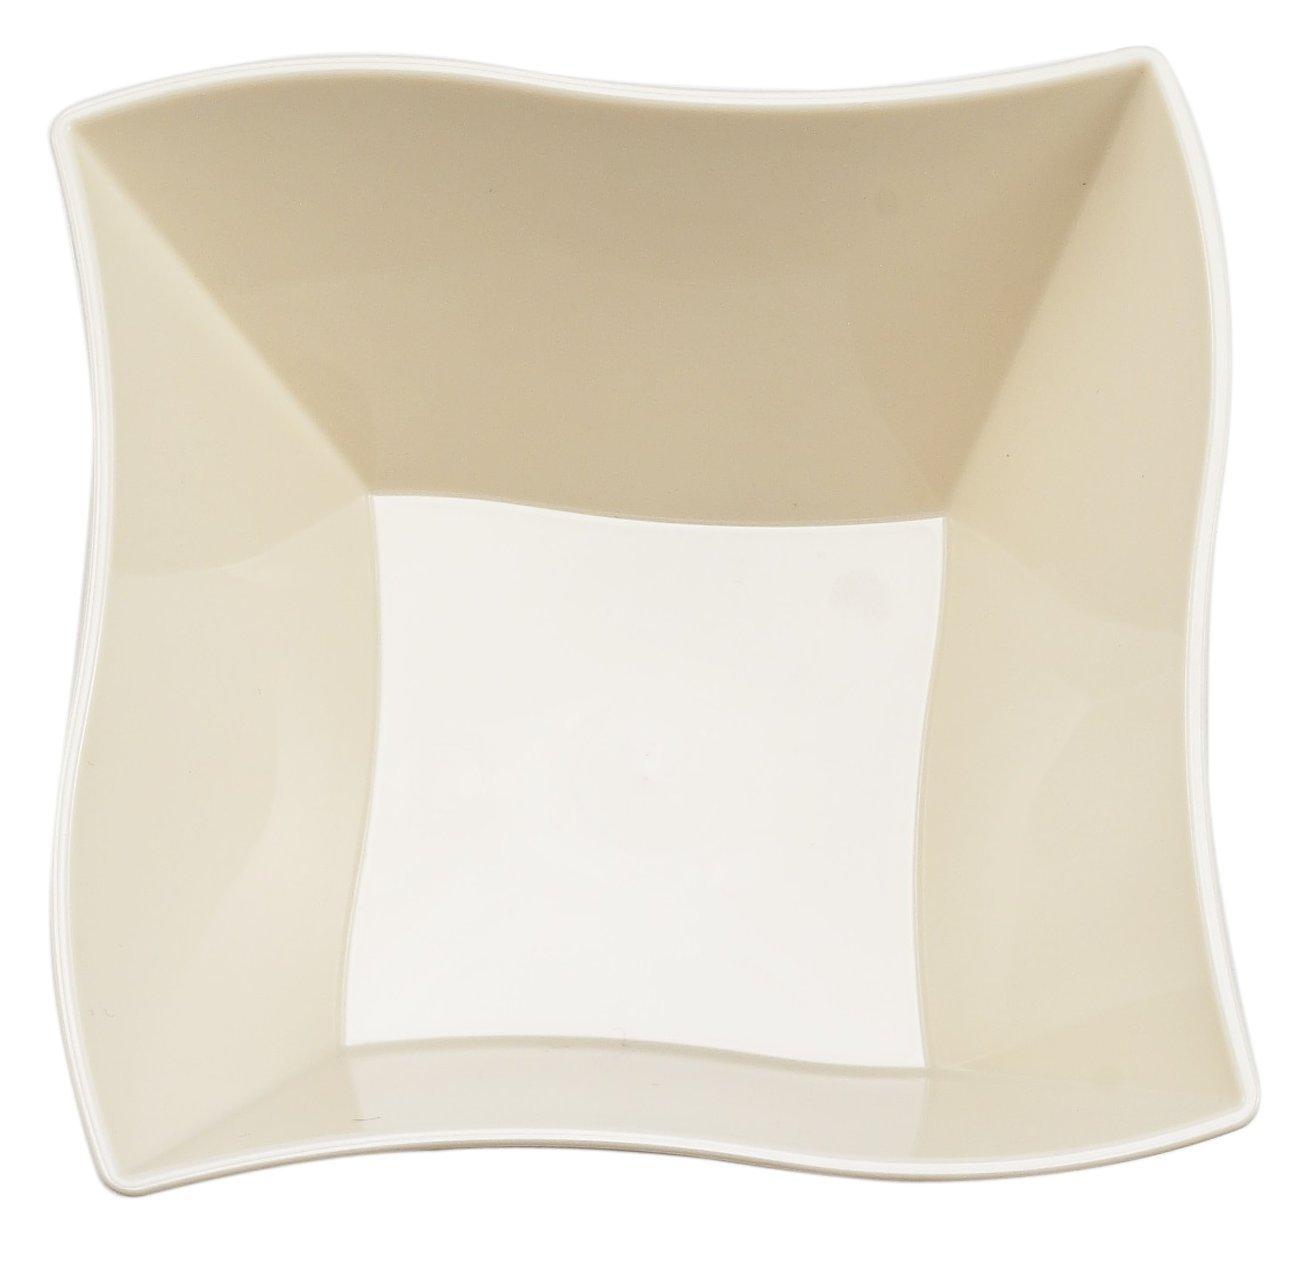 Kaya Collection - Disposable Bone Plastic Wave 14oz Soup/Condiment Bowls - 2 Pack (20 Bowls)